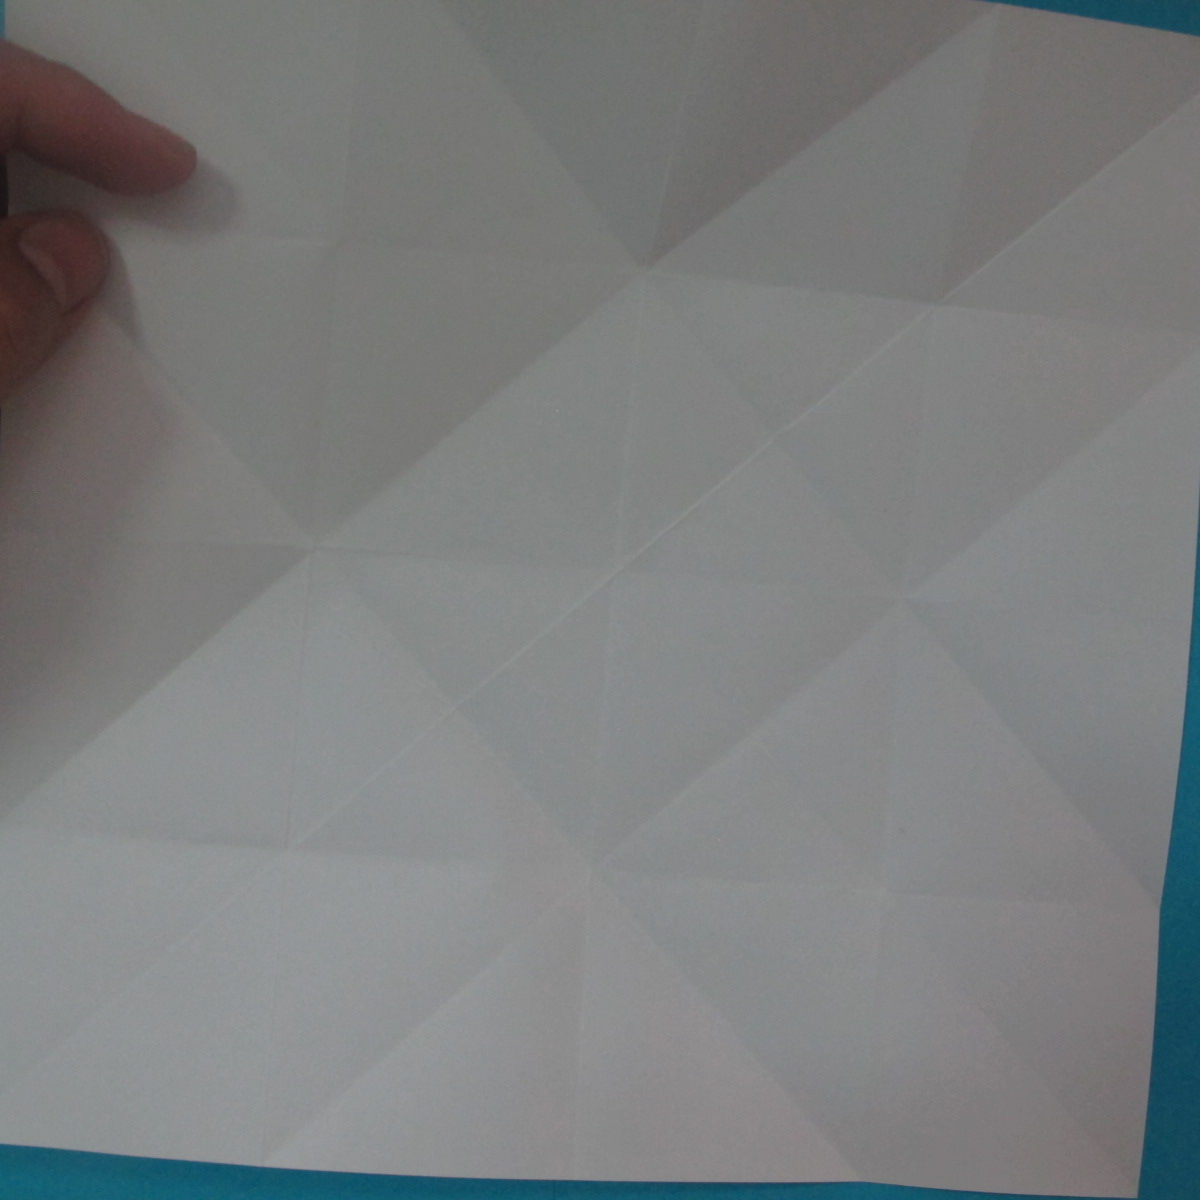 วิธีการพับกระดาษเป็นนกเพนกวิ้น 006